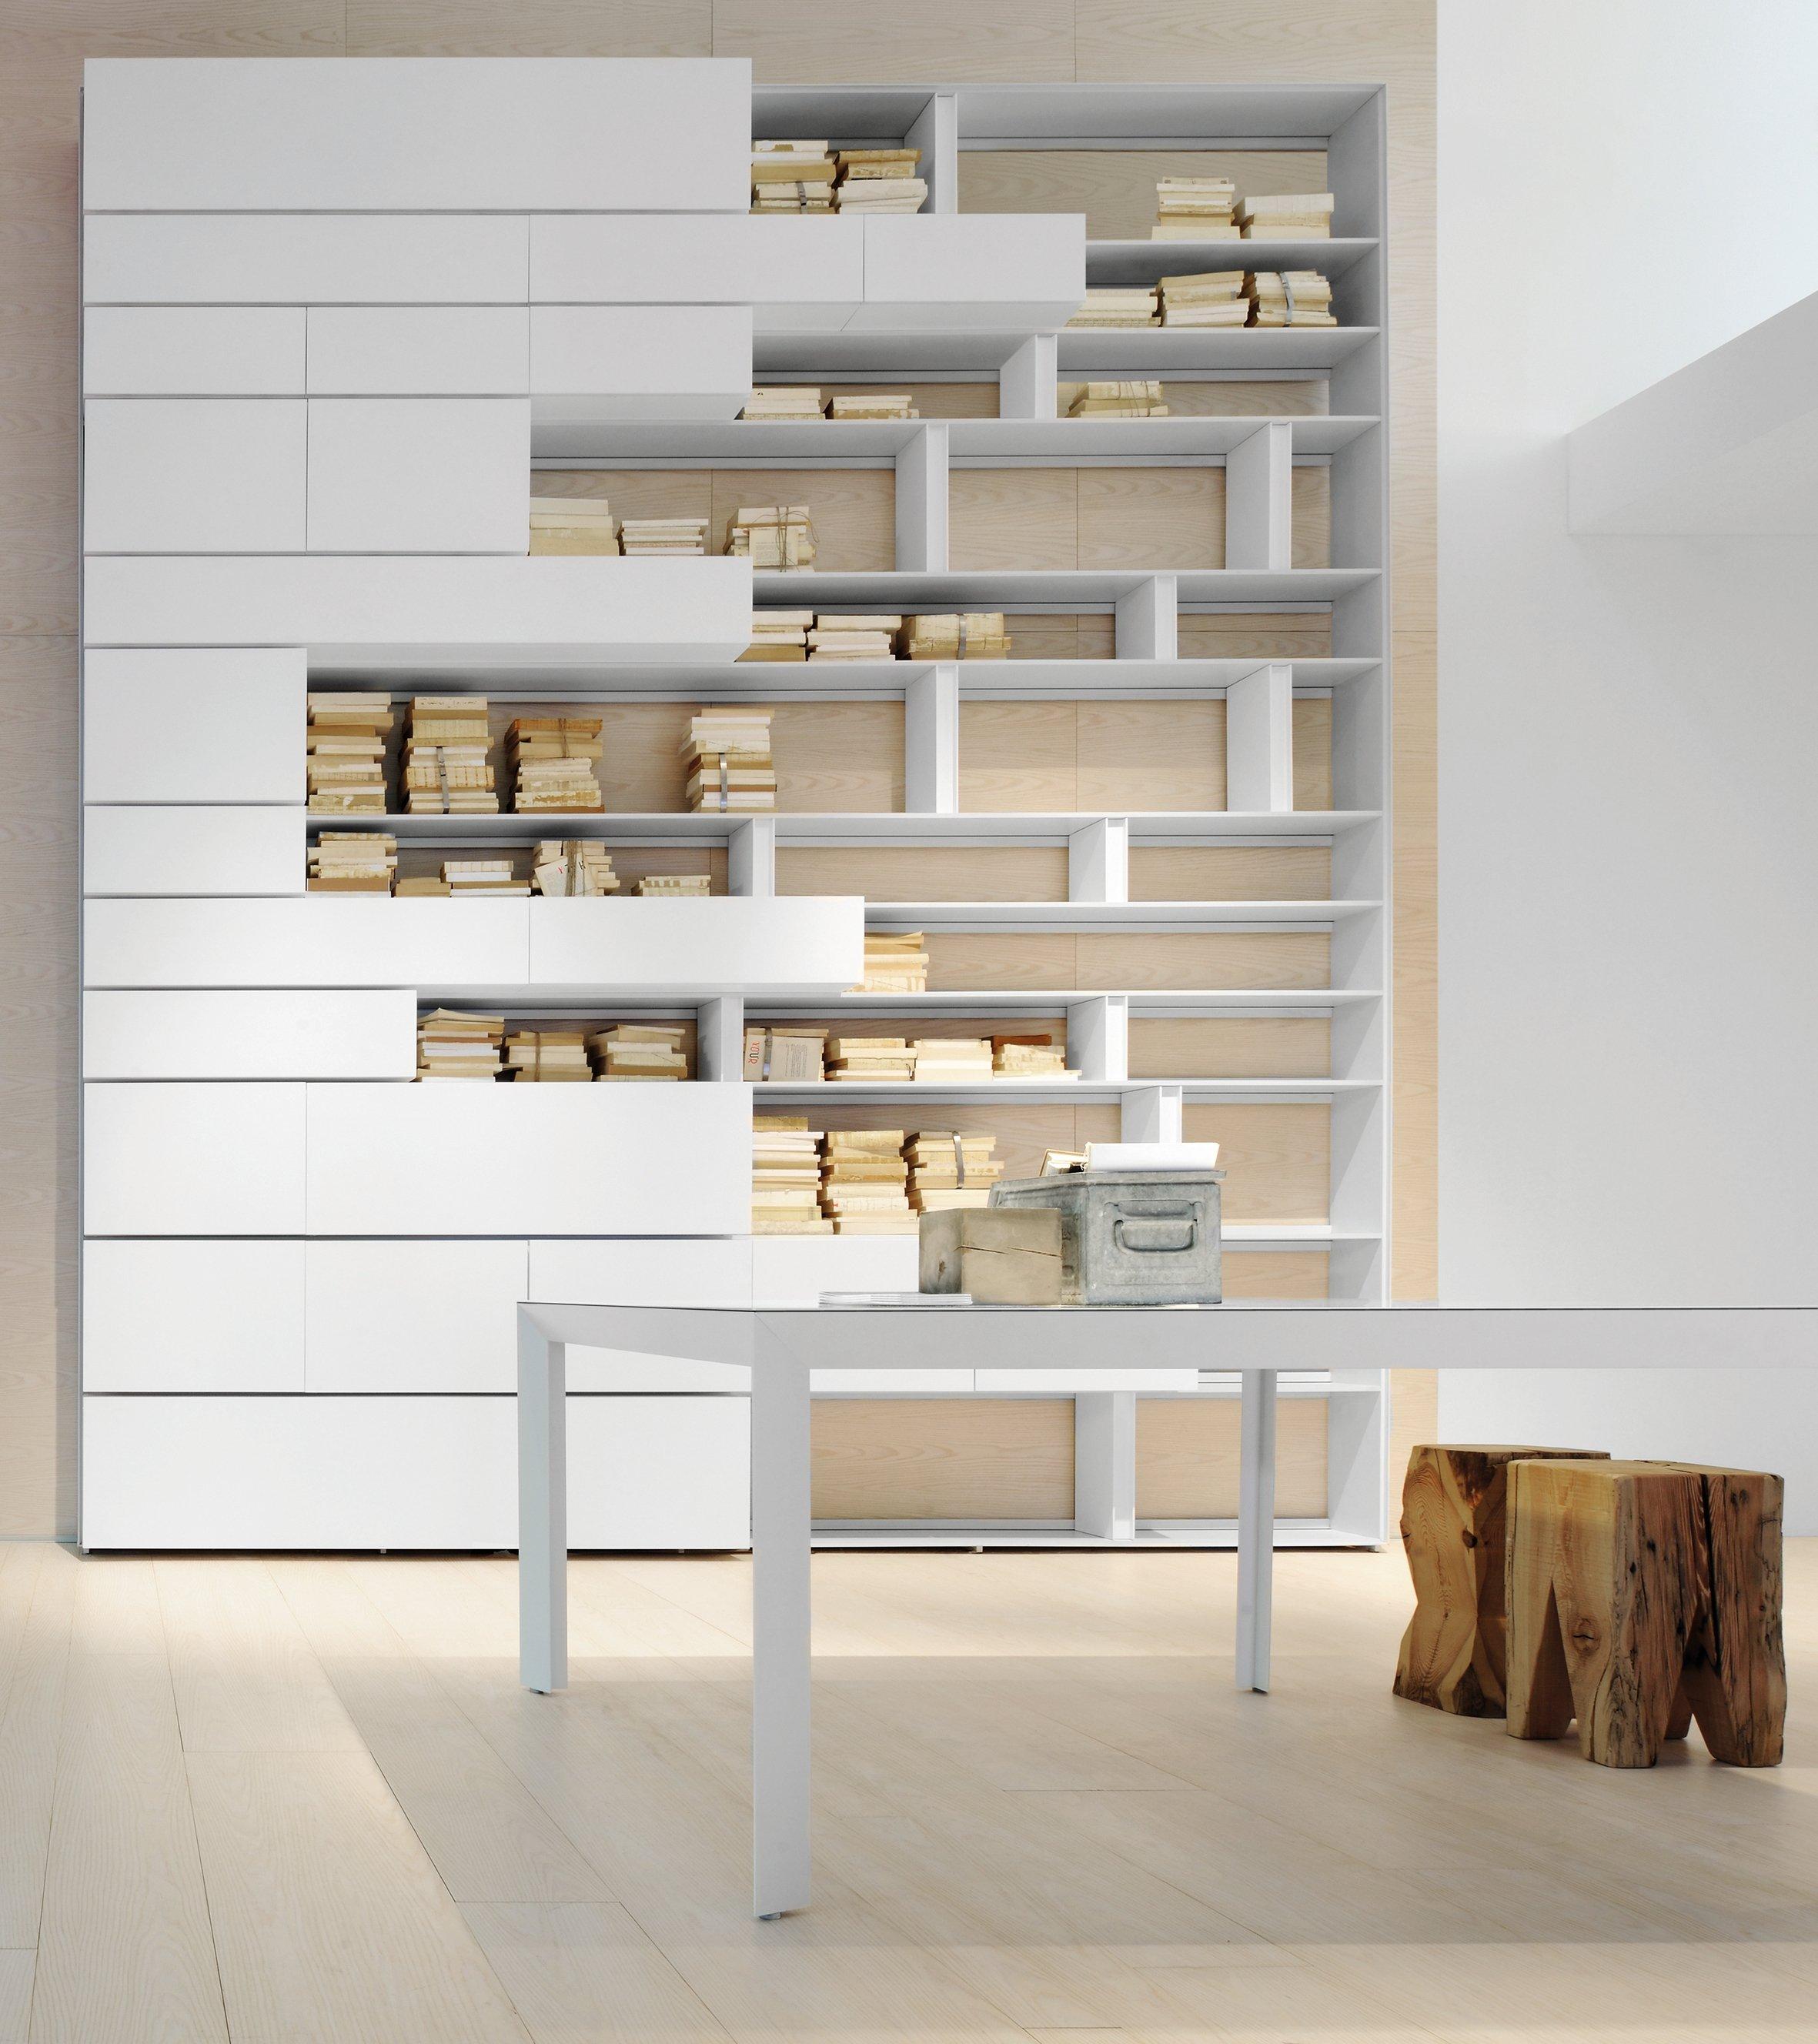 Line di Albed, struttura e divisori in alluminio verniciato bianco per ...